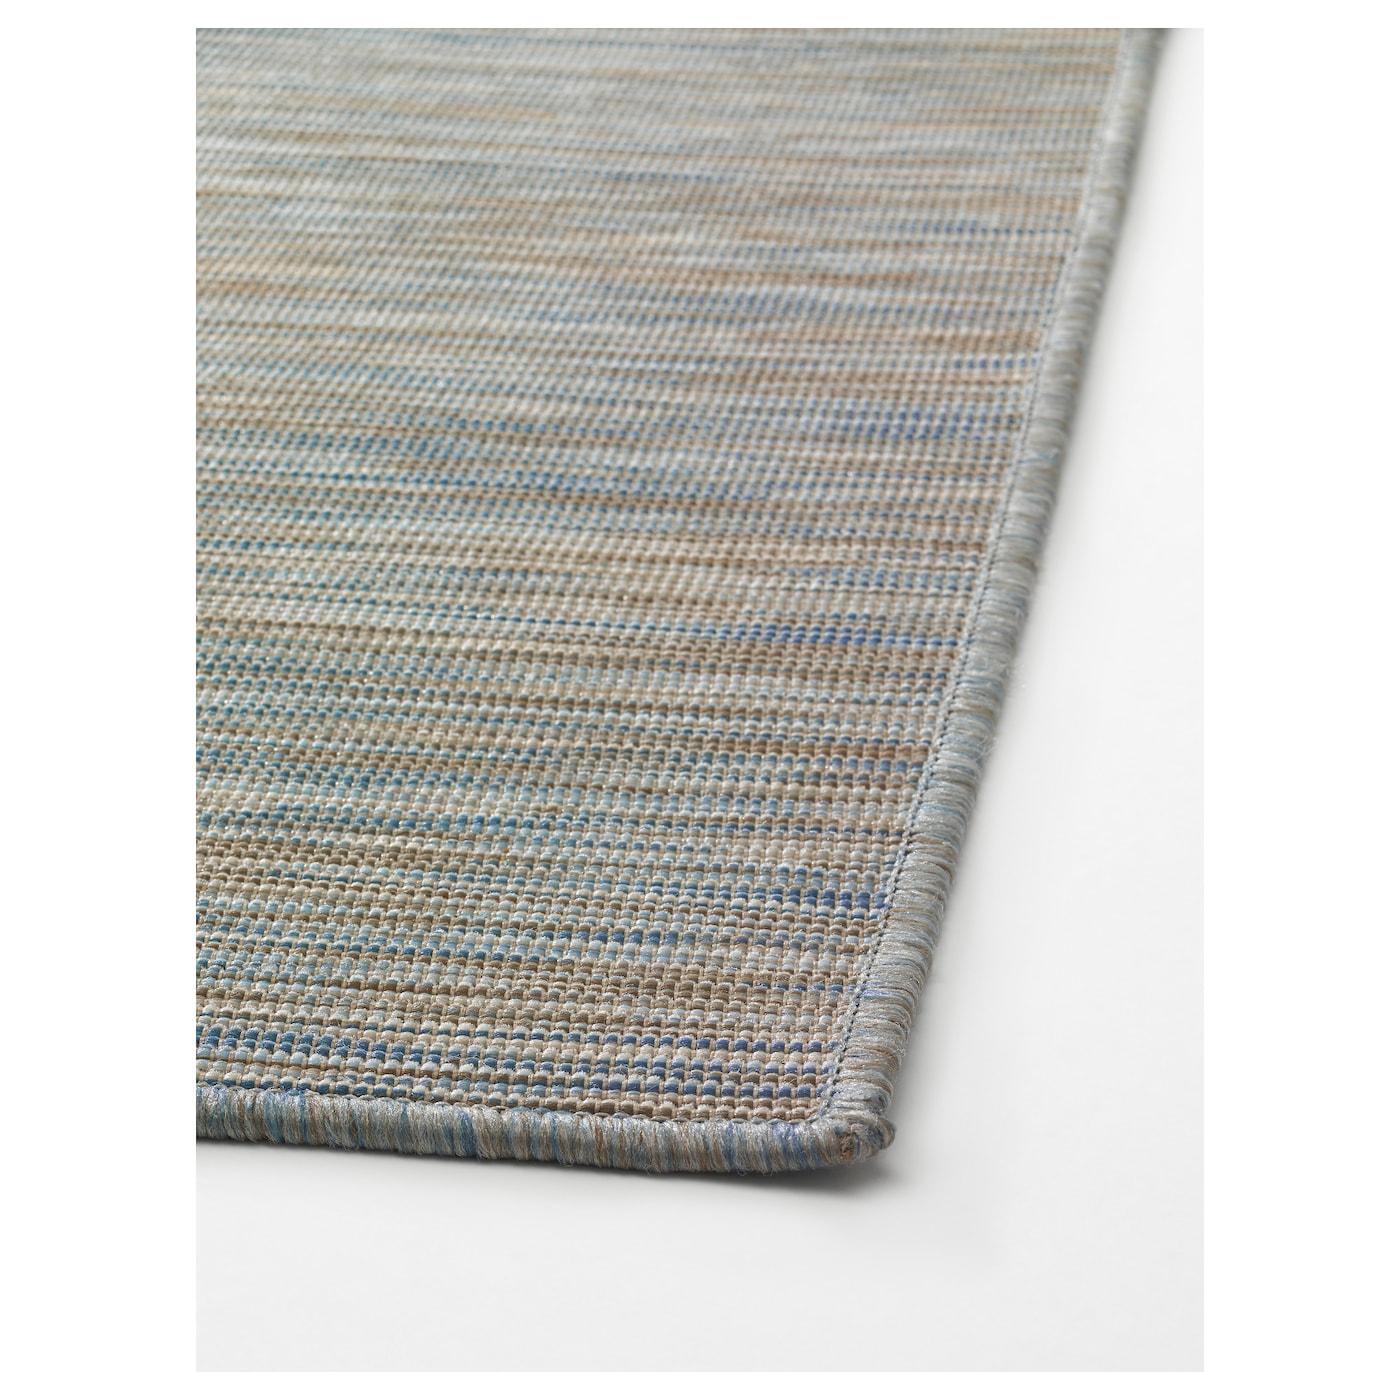 HODDE Rug flatwoven In outdoor blue beige 80x200 cm IKEA